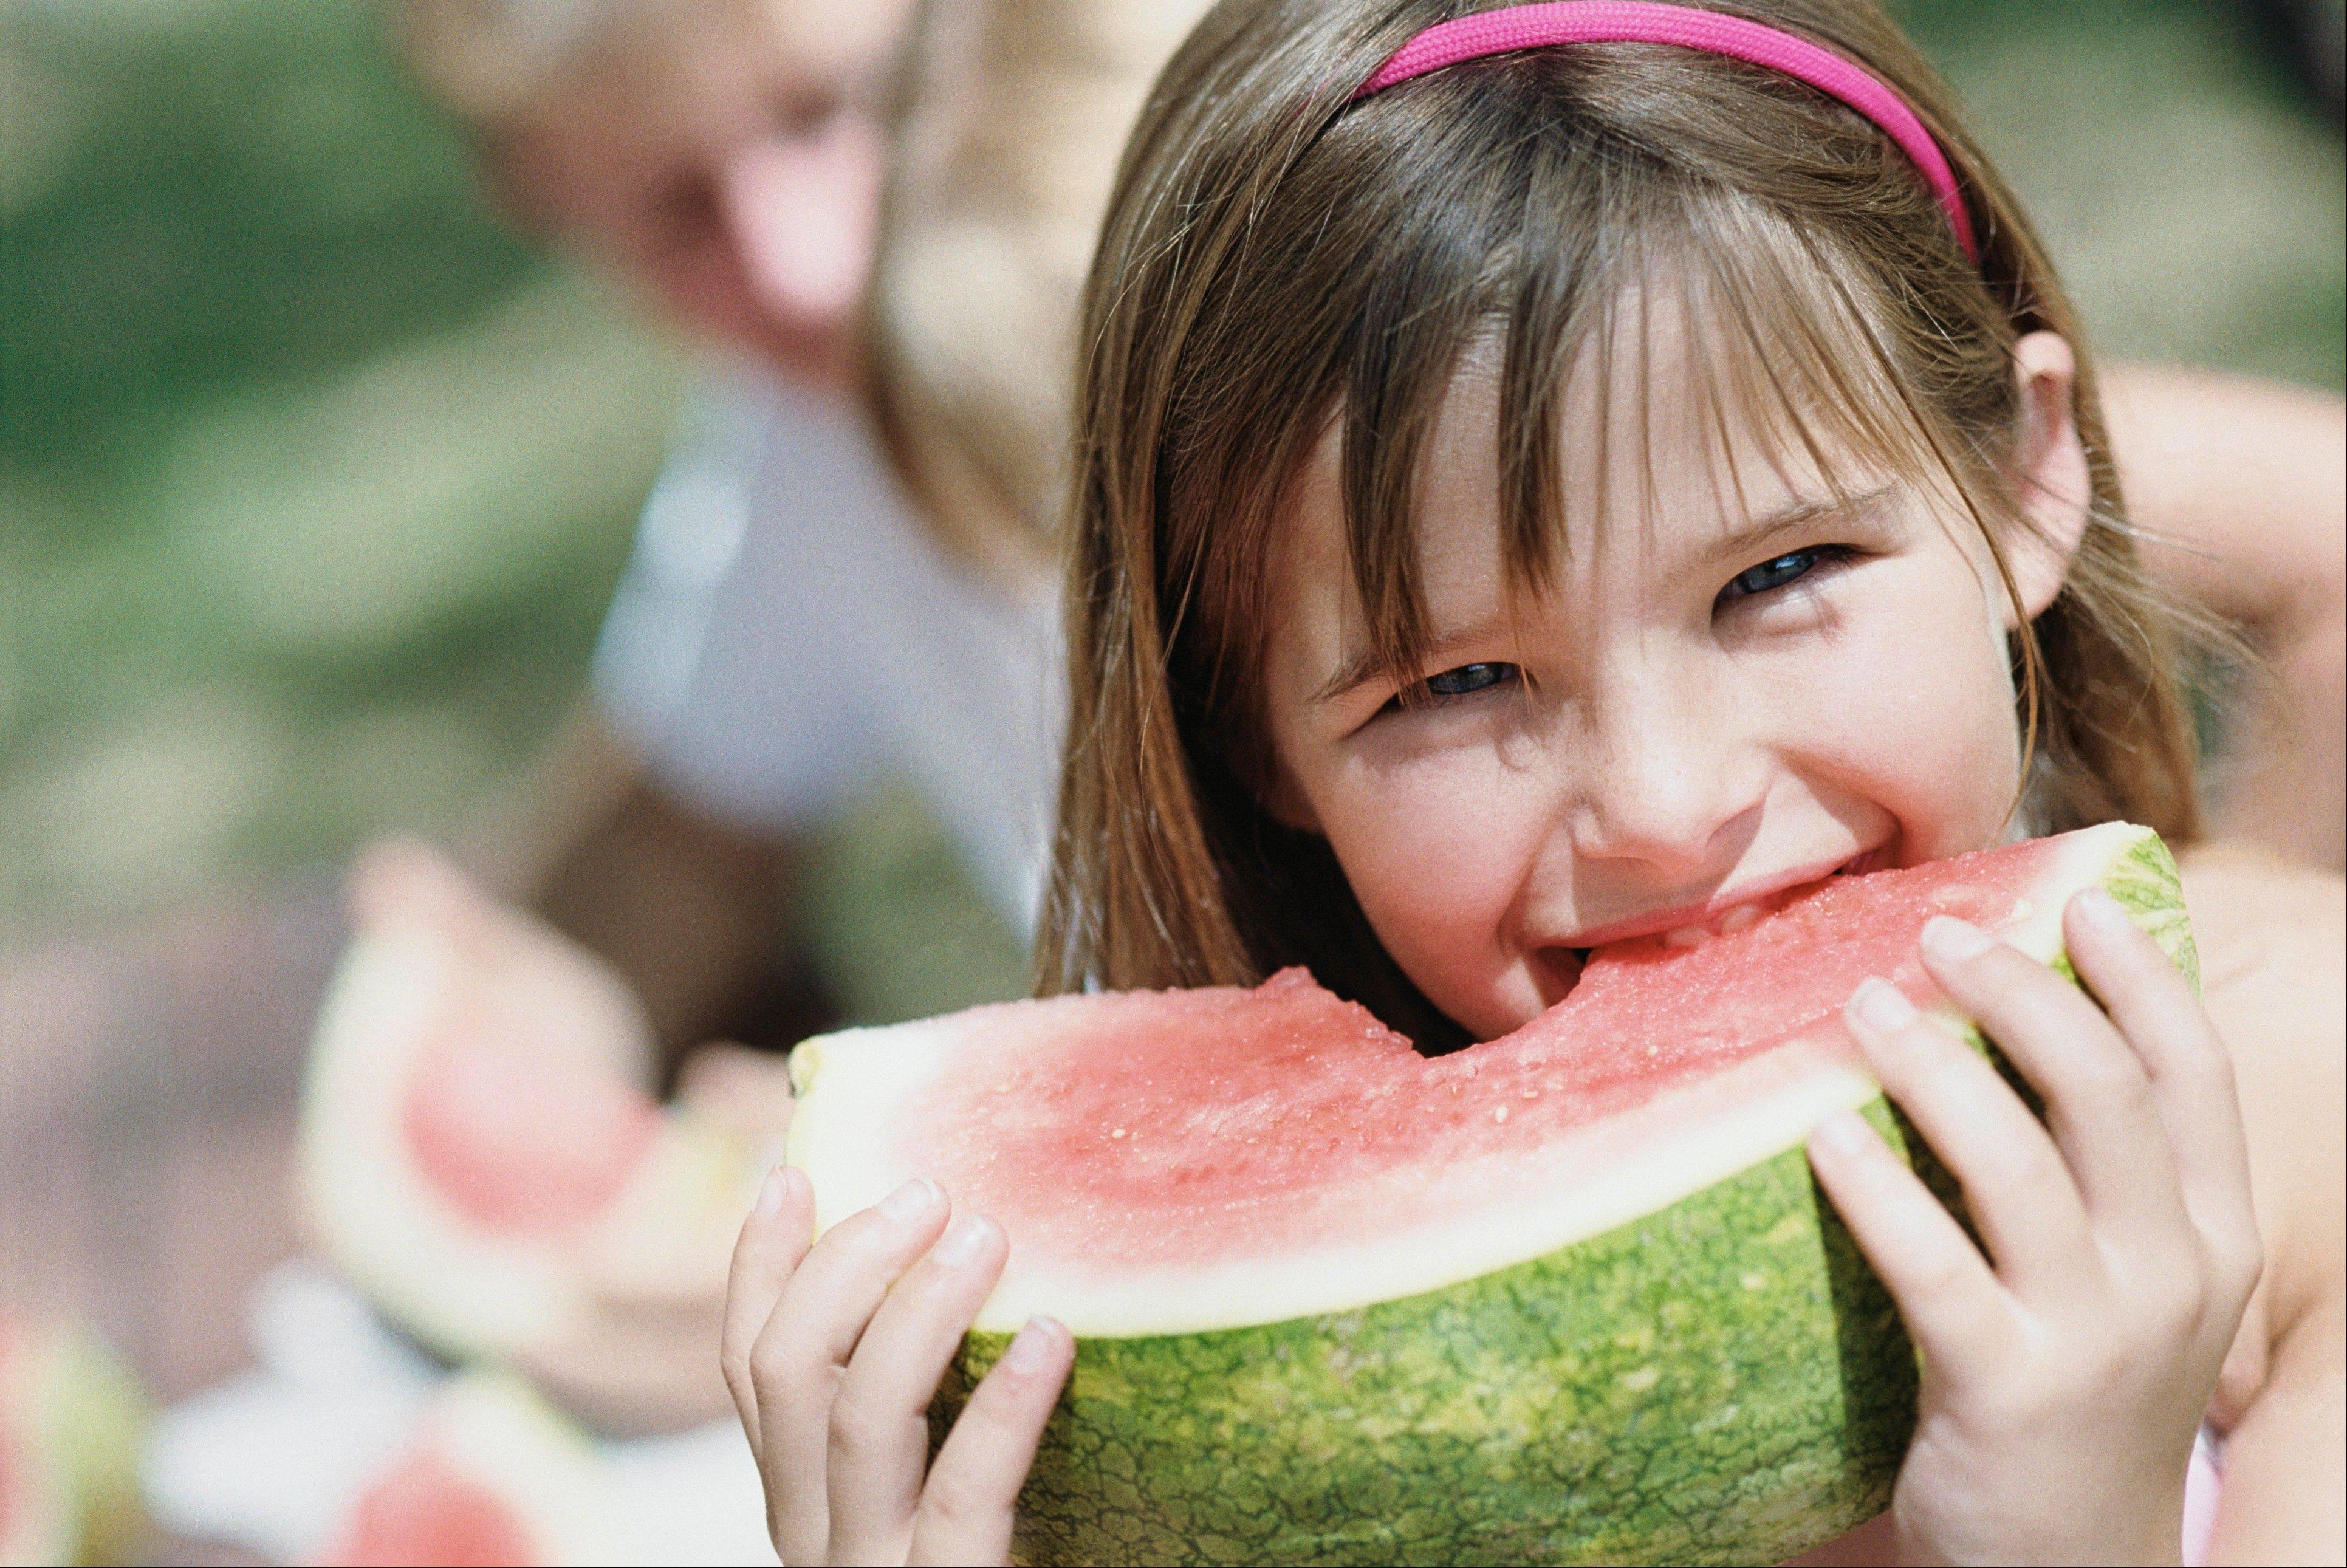 Καλοκαίρι : Πώς θα φροντίσουμε το παιδί μας ώστε να είναι καλά ενυδατωμένο